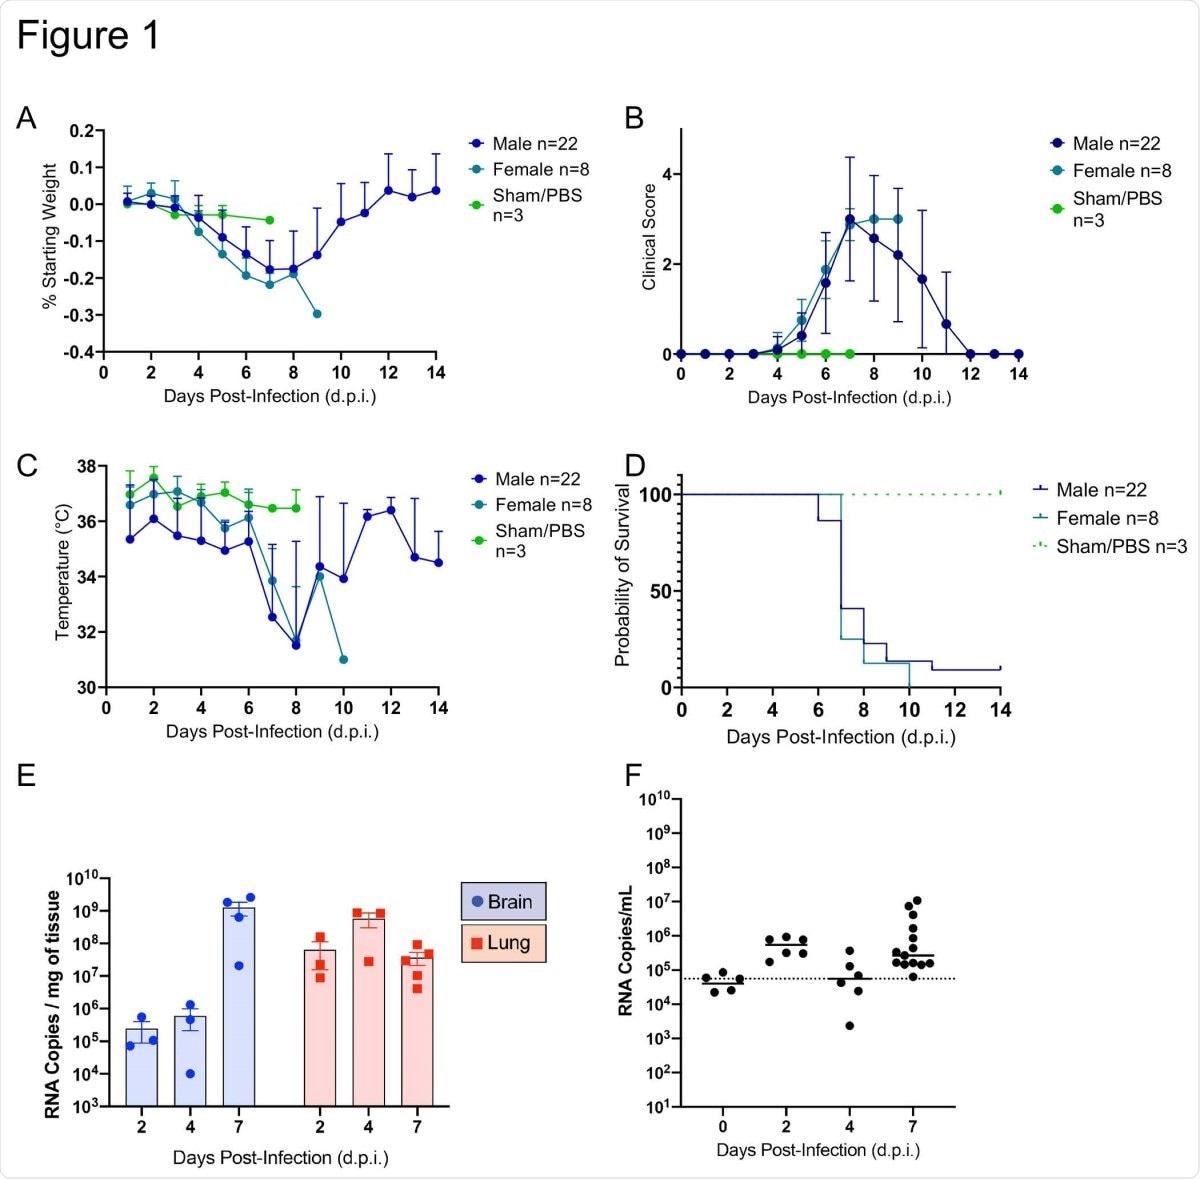 El SARS-CoV-2 provocó una enfermedad letal en ratones K18-hACE2 (n = 33) inoculados por vía intranasal con 1 x 106 unidades formadoras de placa (PFU).  Se controlaron diariamente el peso corporal (A), los signos clínicos (B), la temperatura (C) y la mortalidad (D).  Las cargas virales (número de copias del genoma / mg o ml) se controlaron en el cerebro, los pulmones (E) y el suero (F) durante todo el estudio.  Se representan los números medios de copias del genoma.  El límite de detección (LOD) se muestra con una línea discontinua.